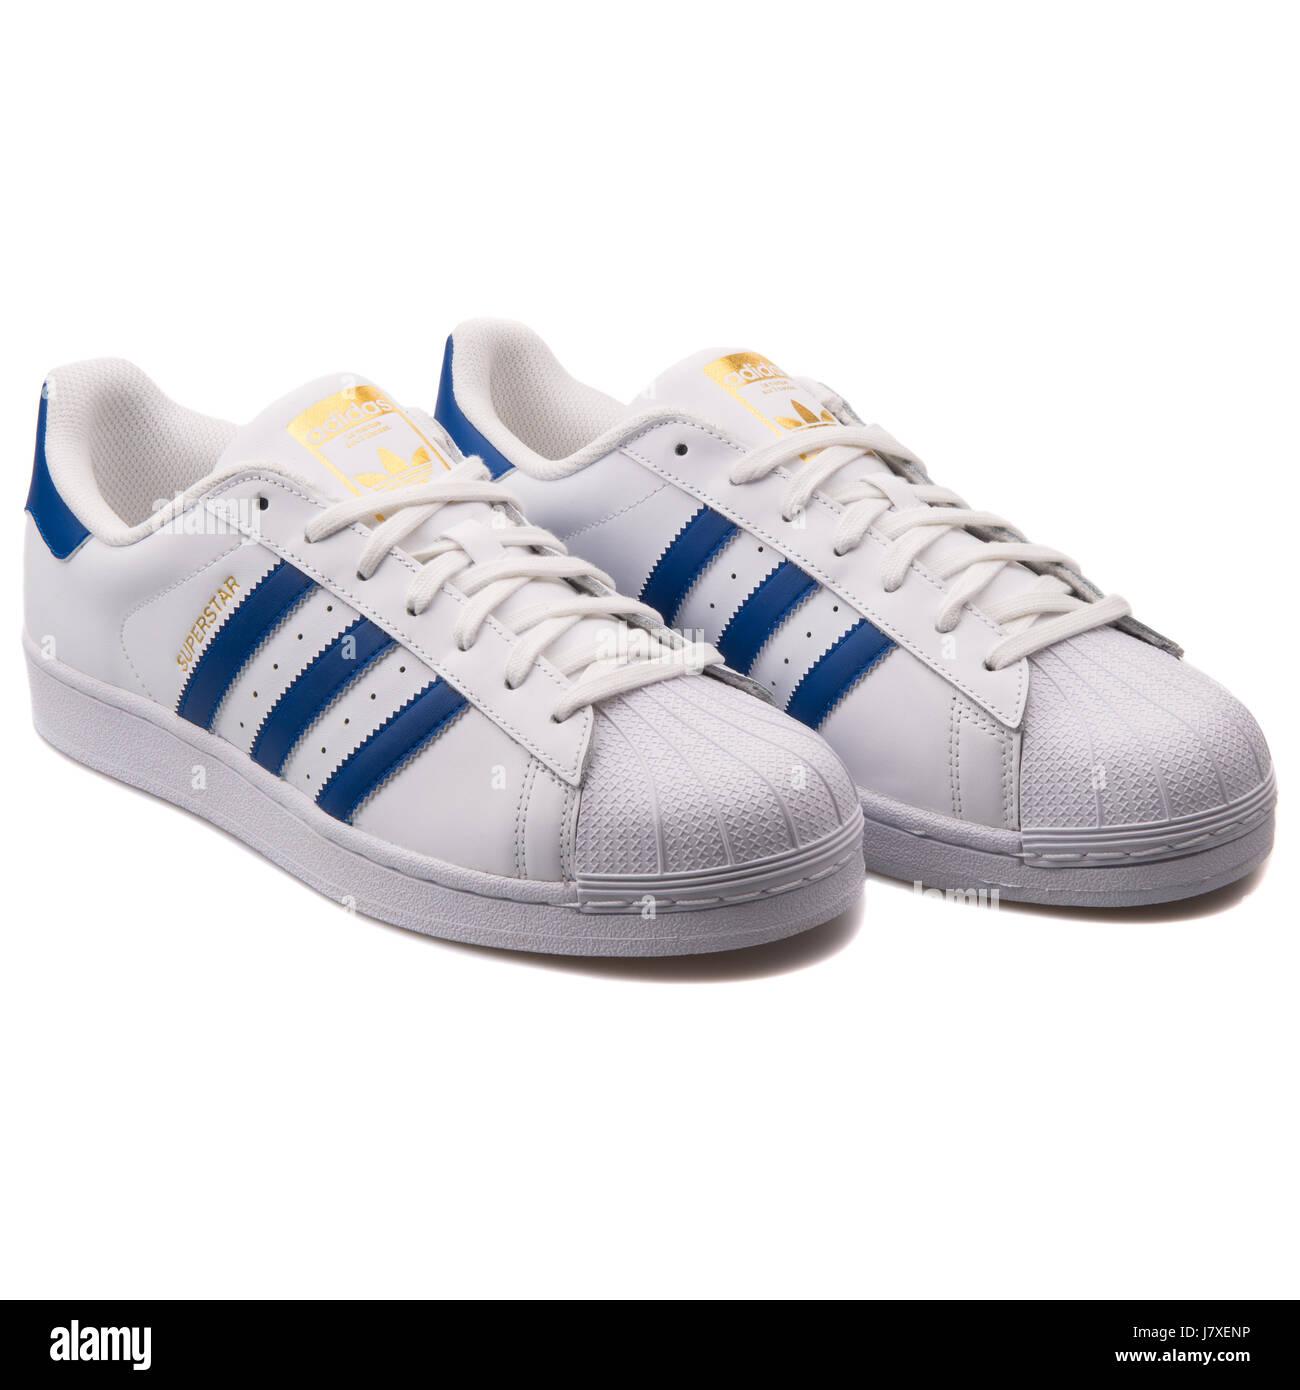 big sale e682b cd436 Adidas Superstar Foundation Hombre de cuero blanco con azul Sneakers -  B27141 Imagen De Stock